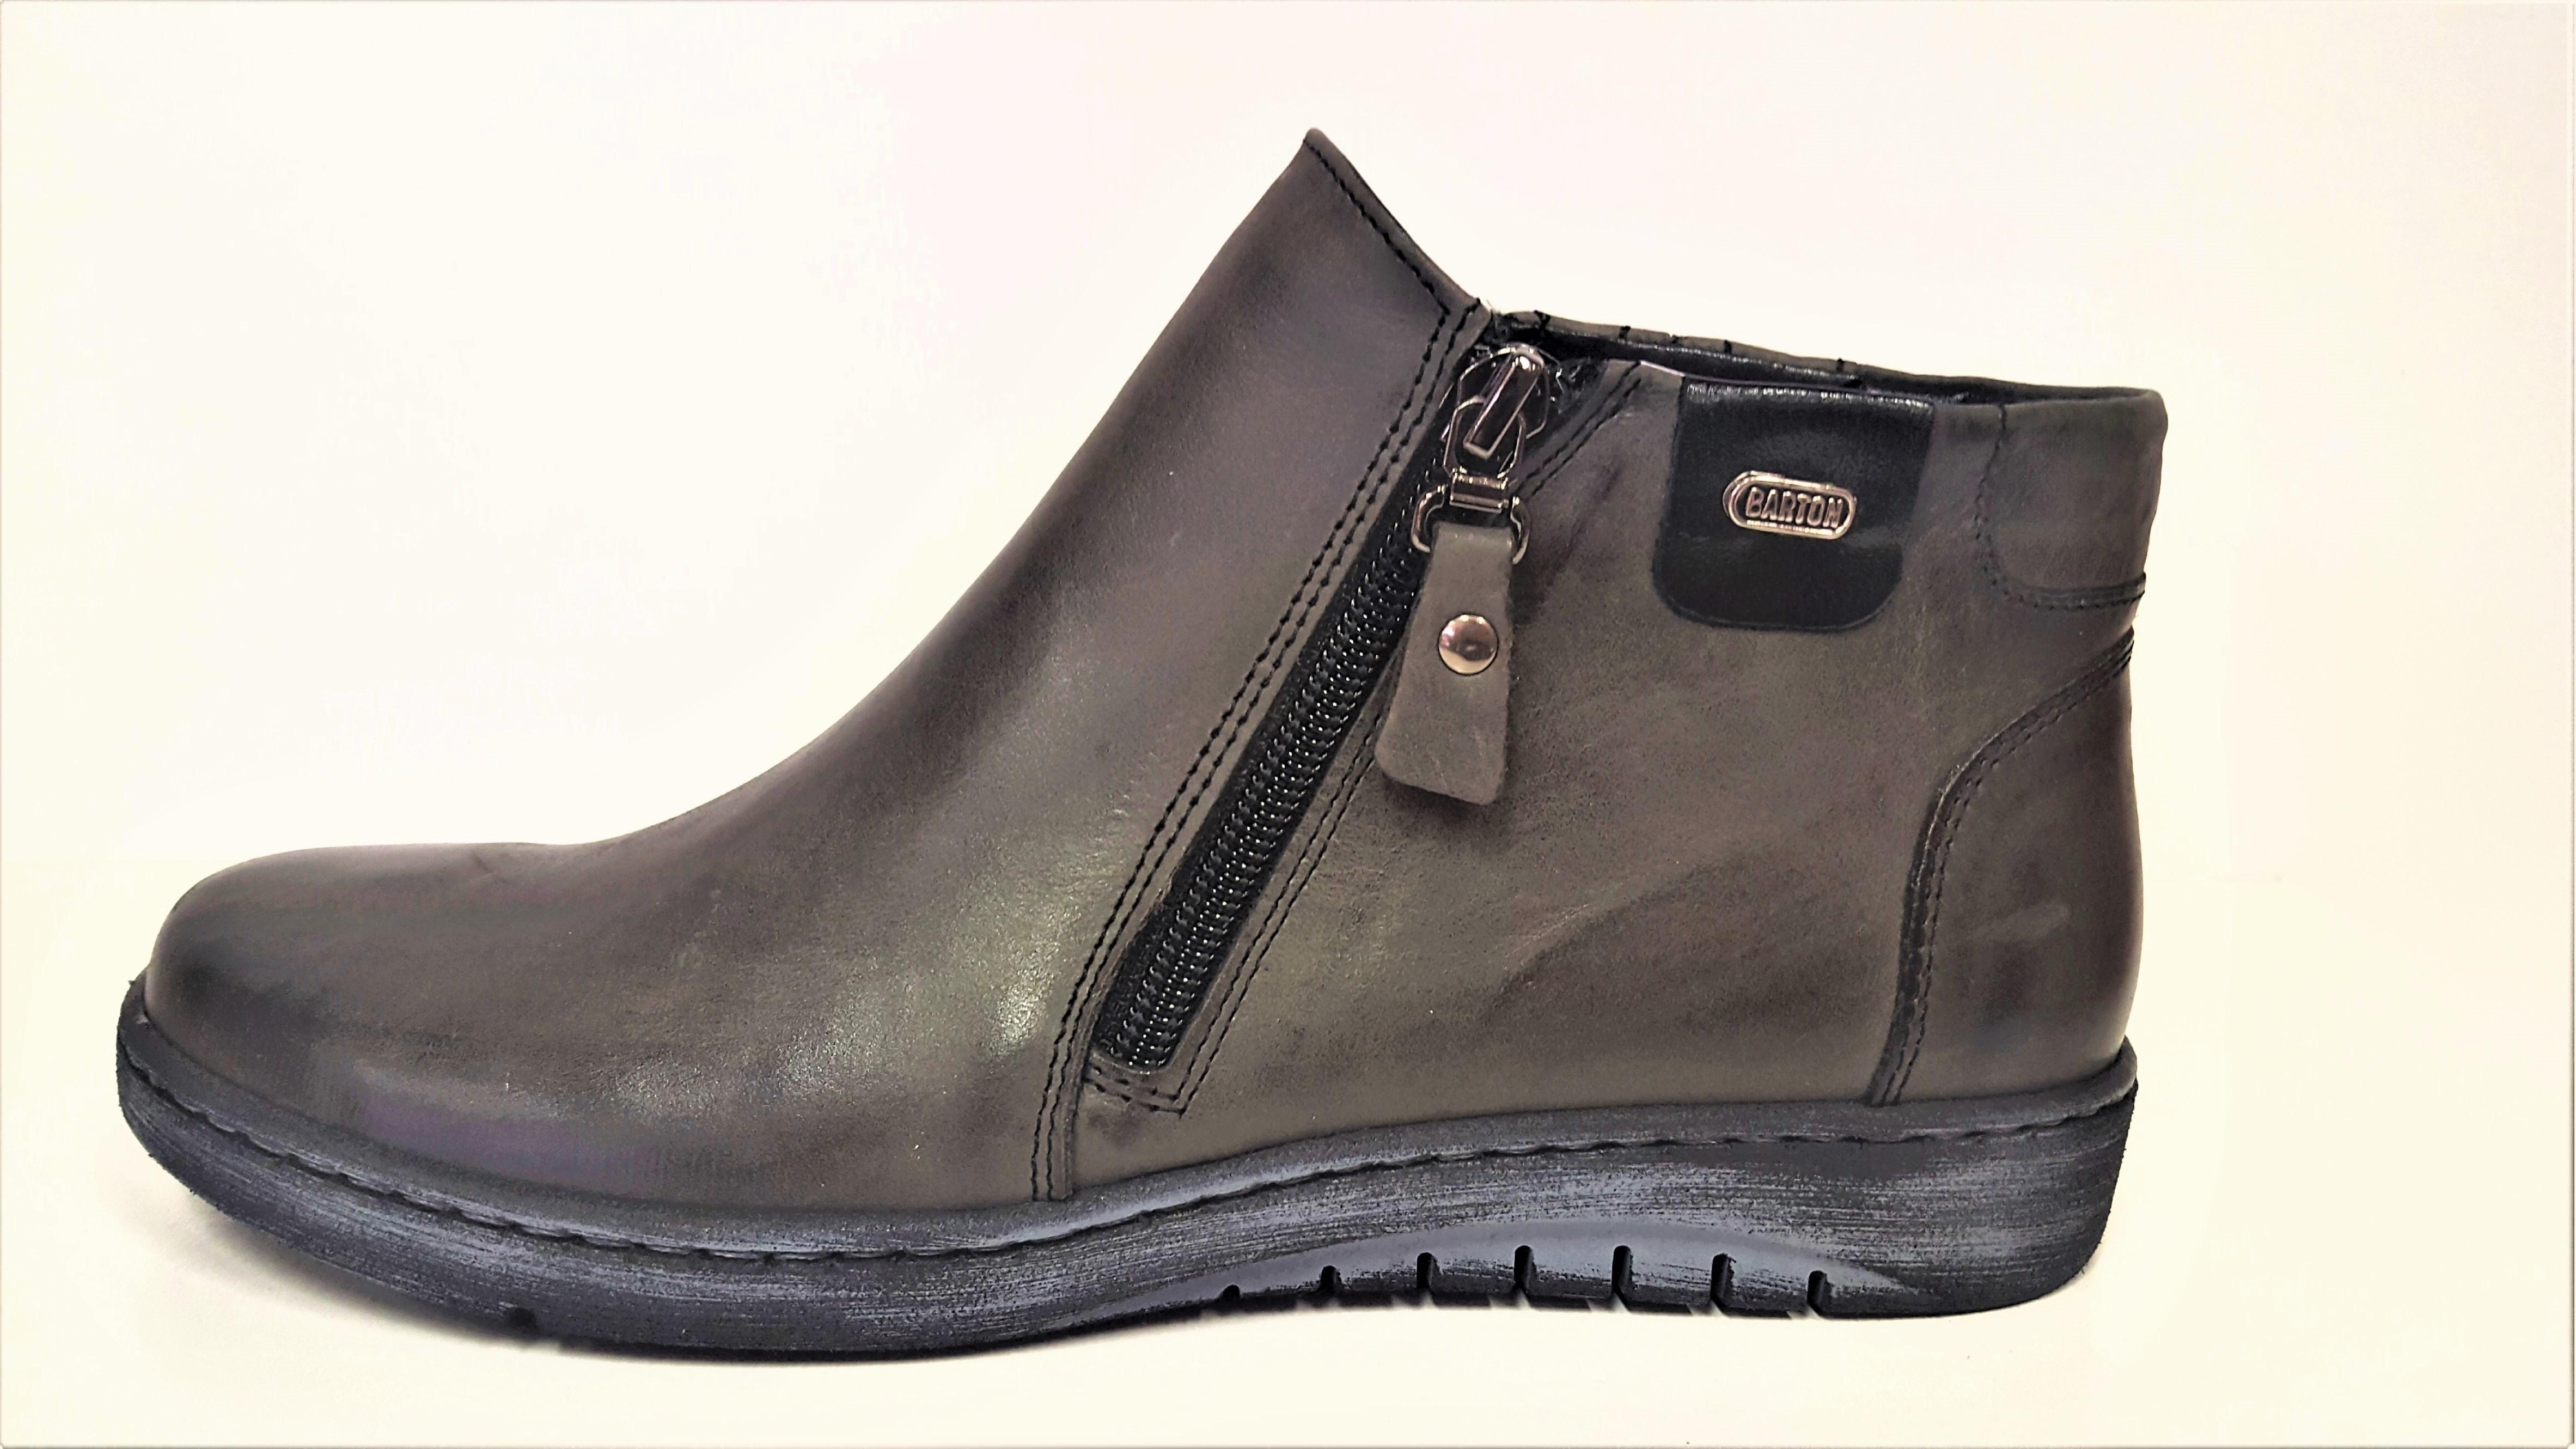 KOŽENÁ KOTNÍKOVÁ OBUV - Dámské kožené tmavě šedé kotníkové boty na klínu  dva zipy JAMI 24318 5525ddd1427